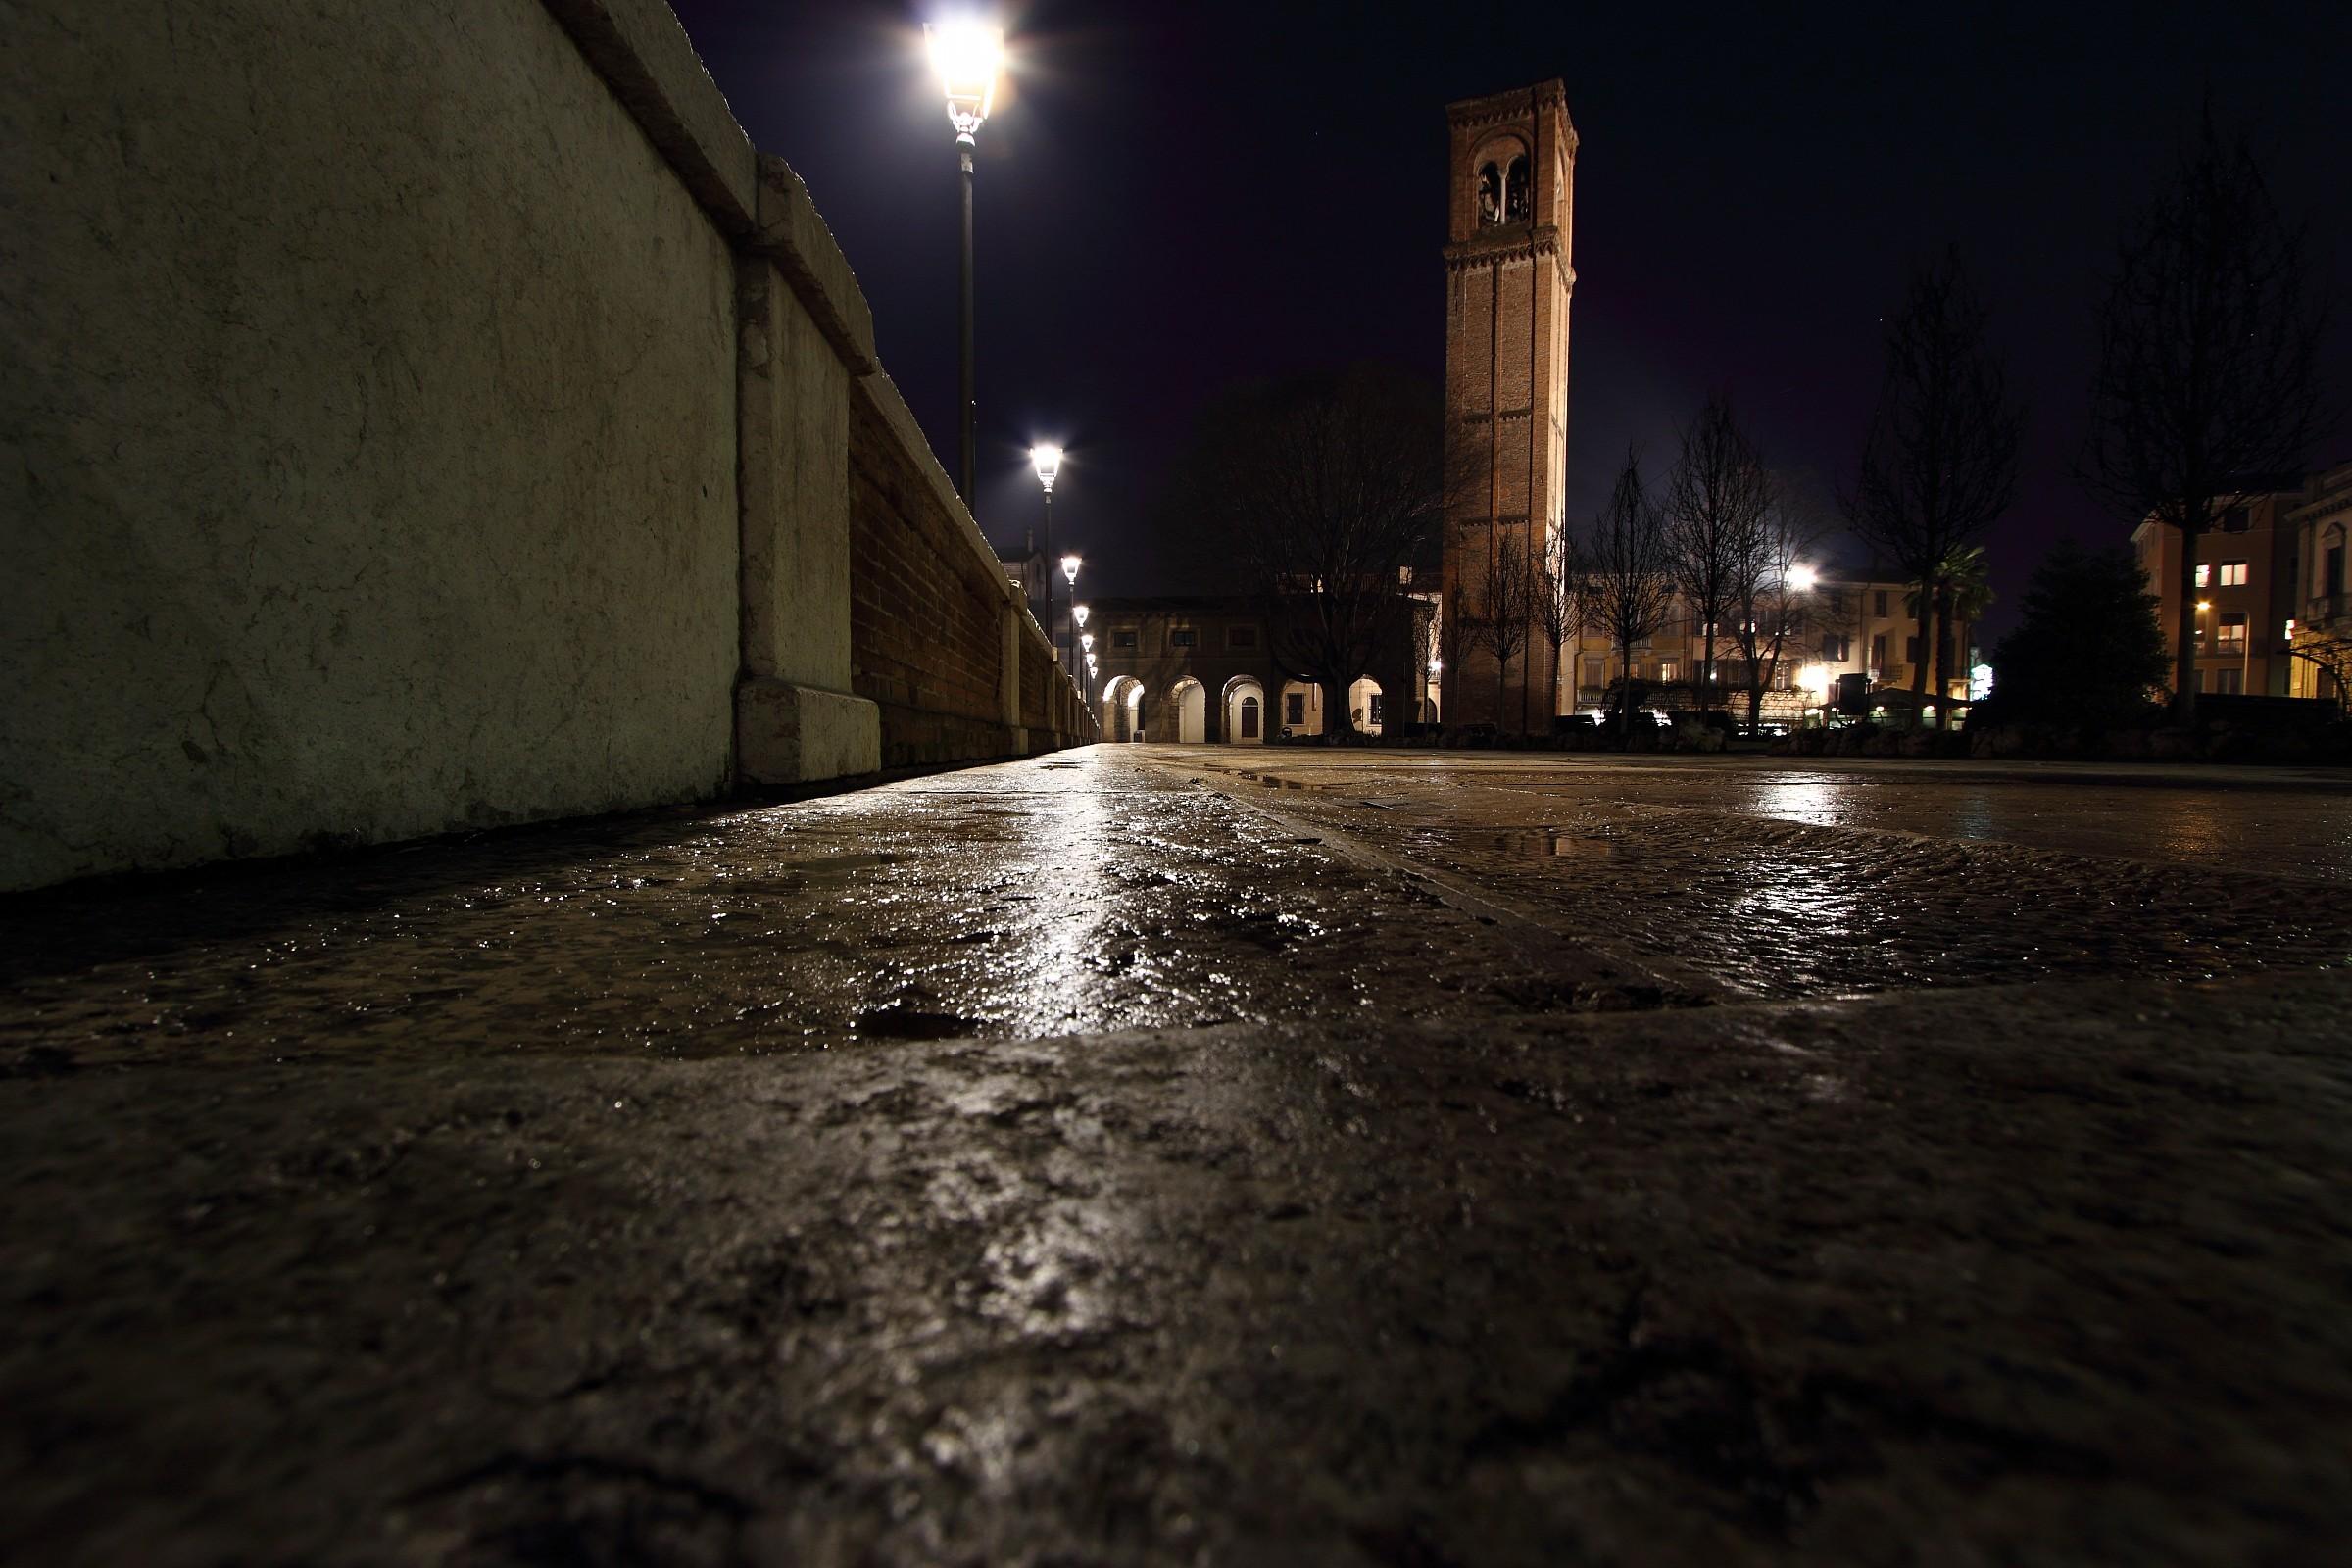 Di sera a Mantova...